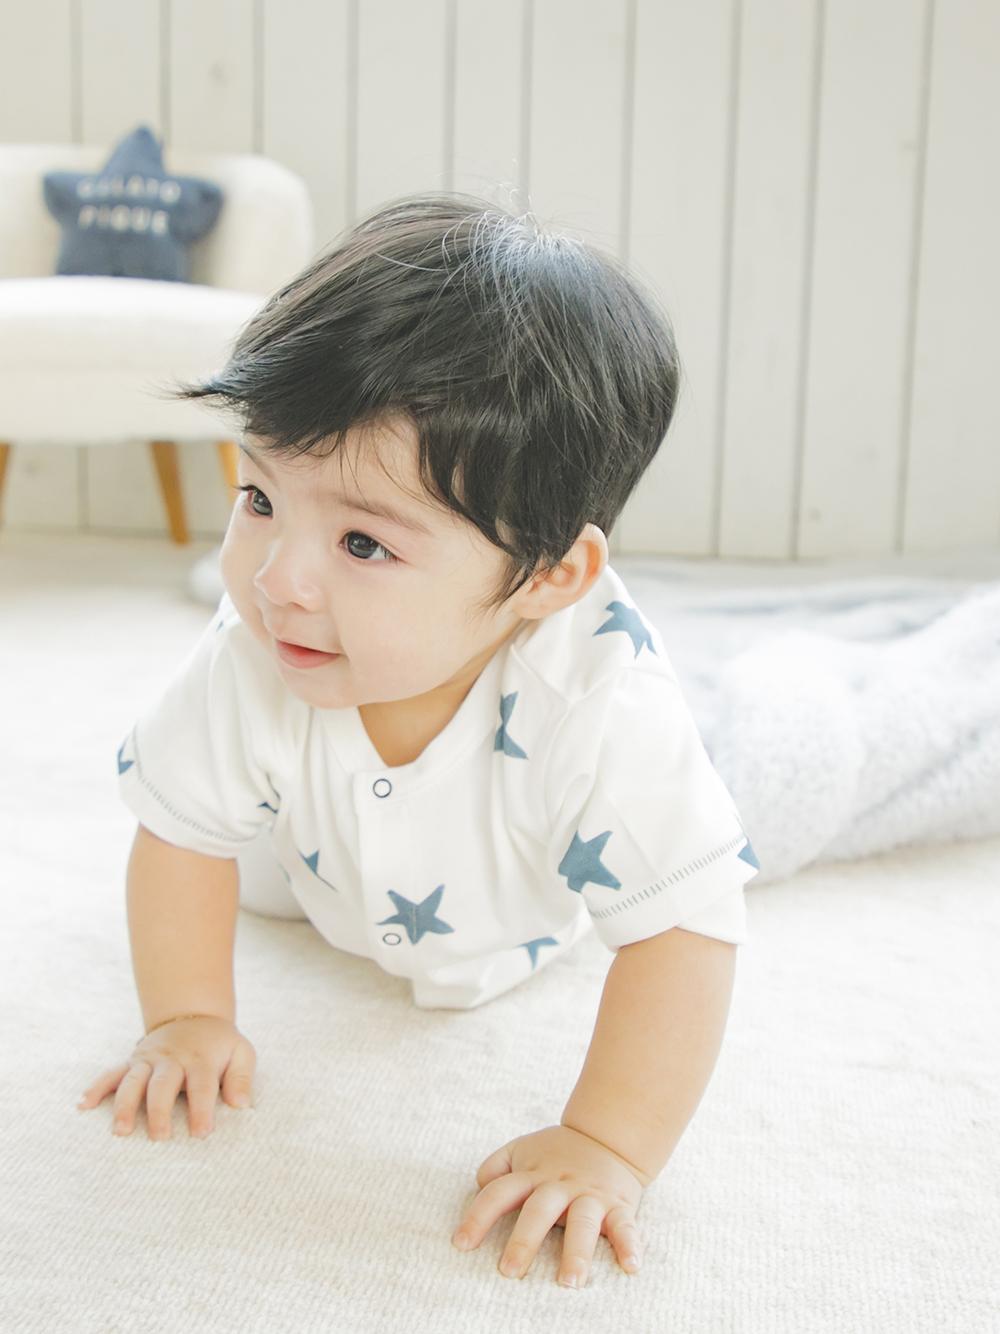 【BABY】スターモチーフ baby ロンパース | PBCO212452